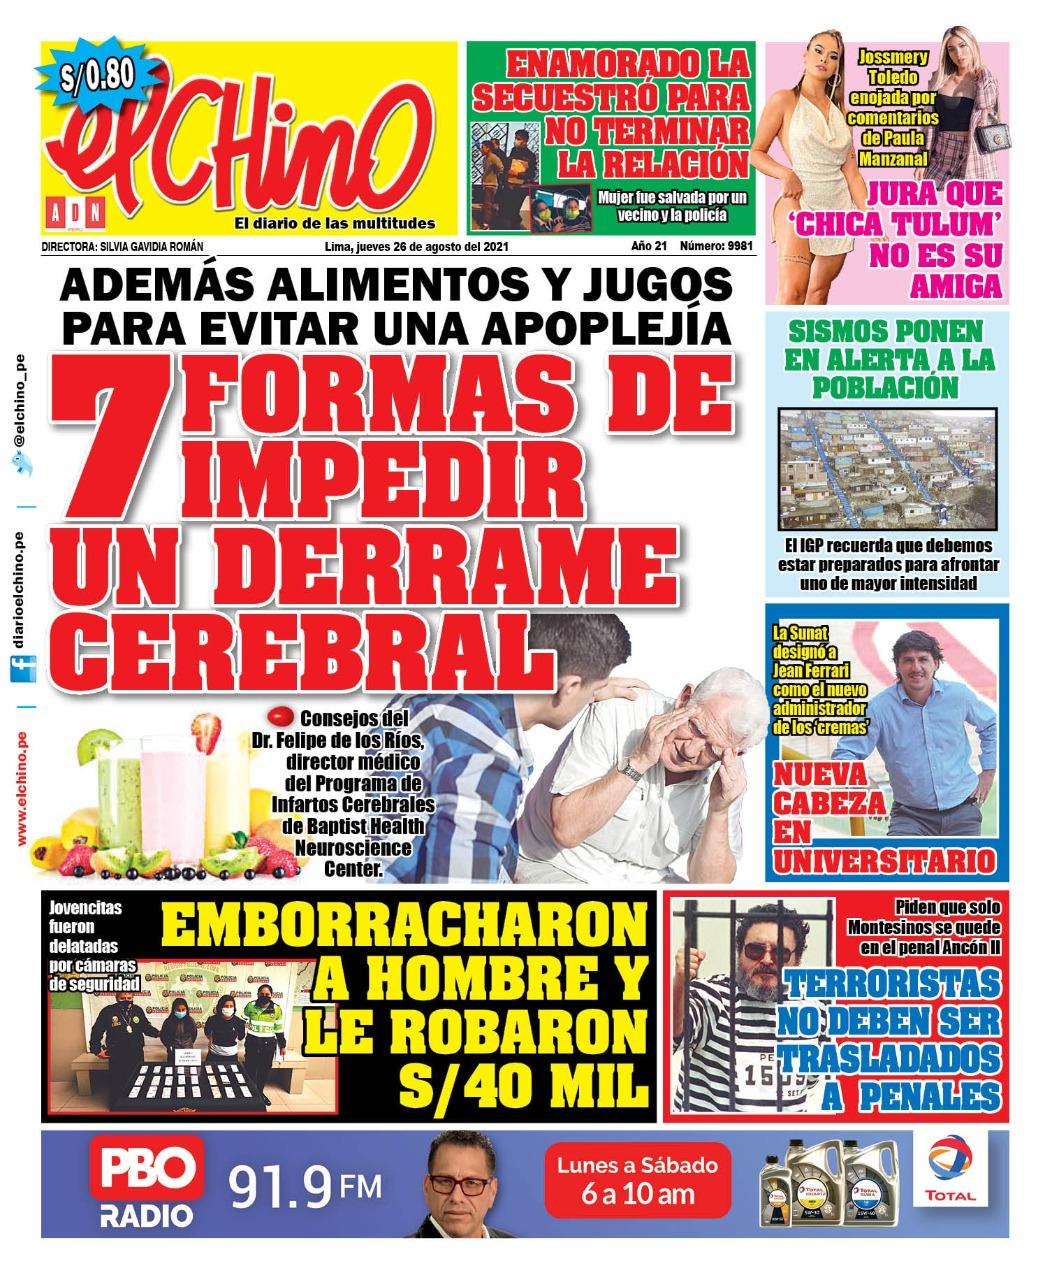 Portada impresa – Diario El Chino (26/08/2021)